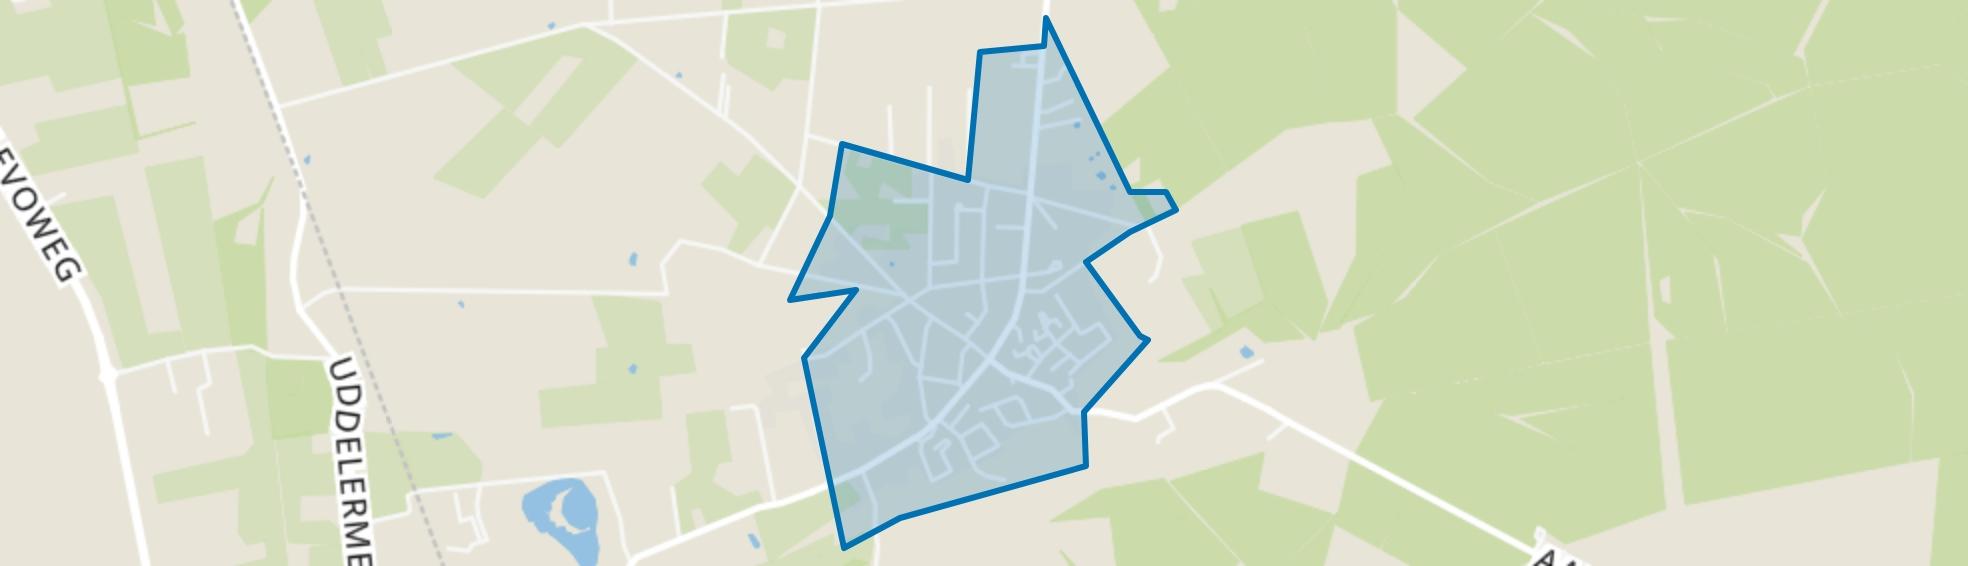 Uddel, Uddel map